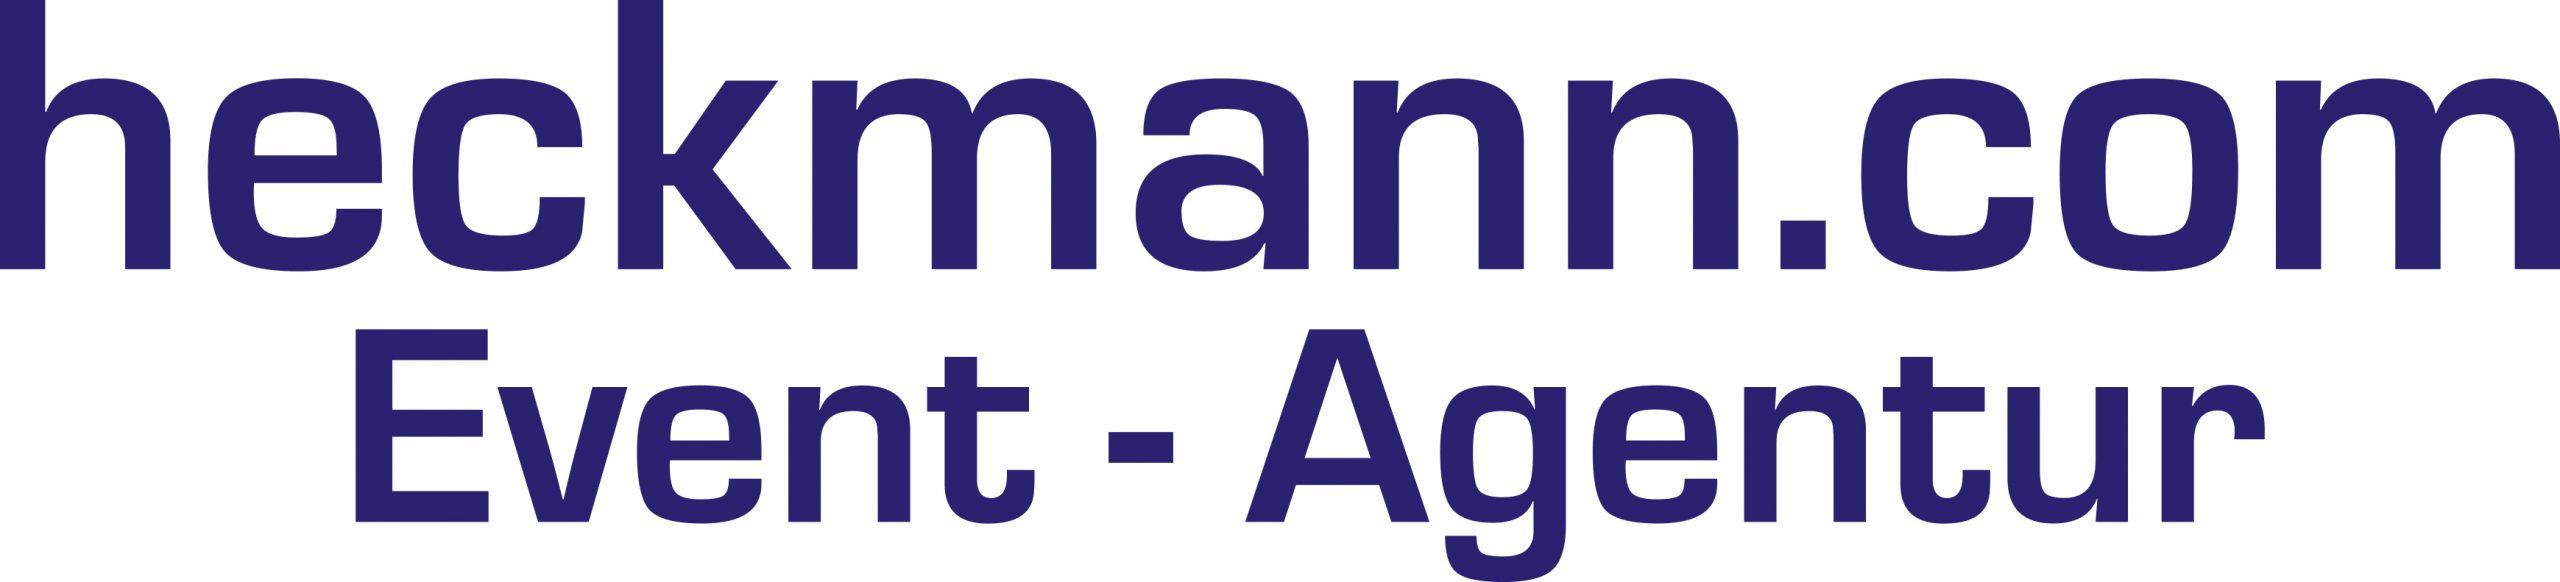 Heckmann Event Agentur